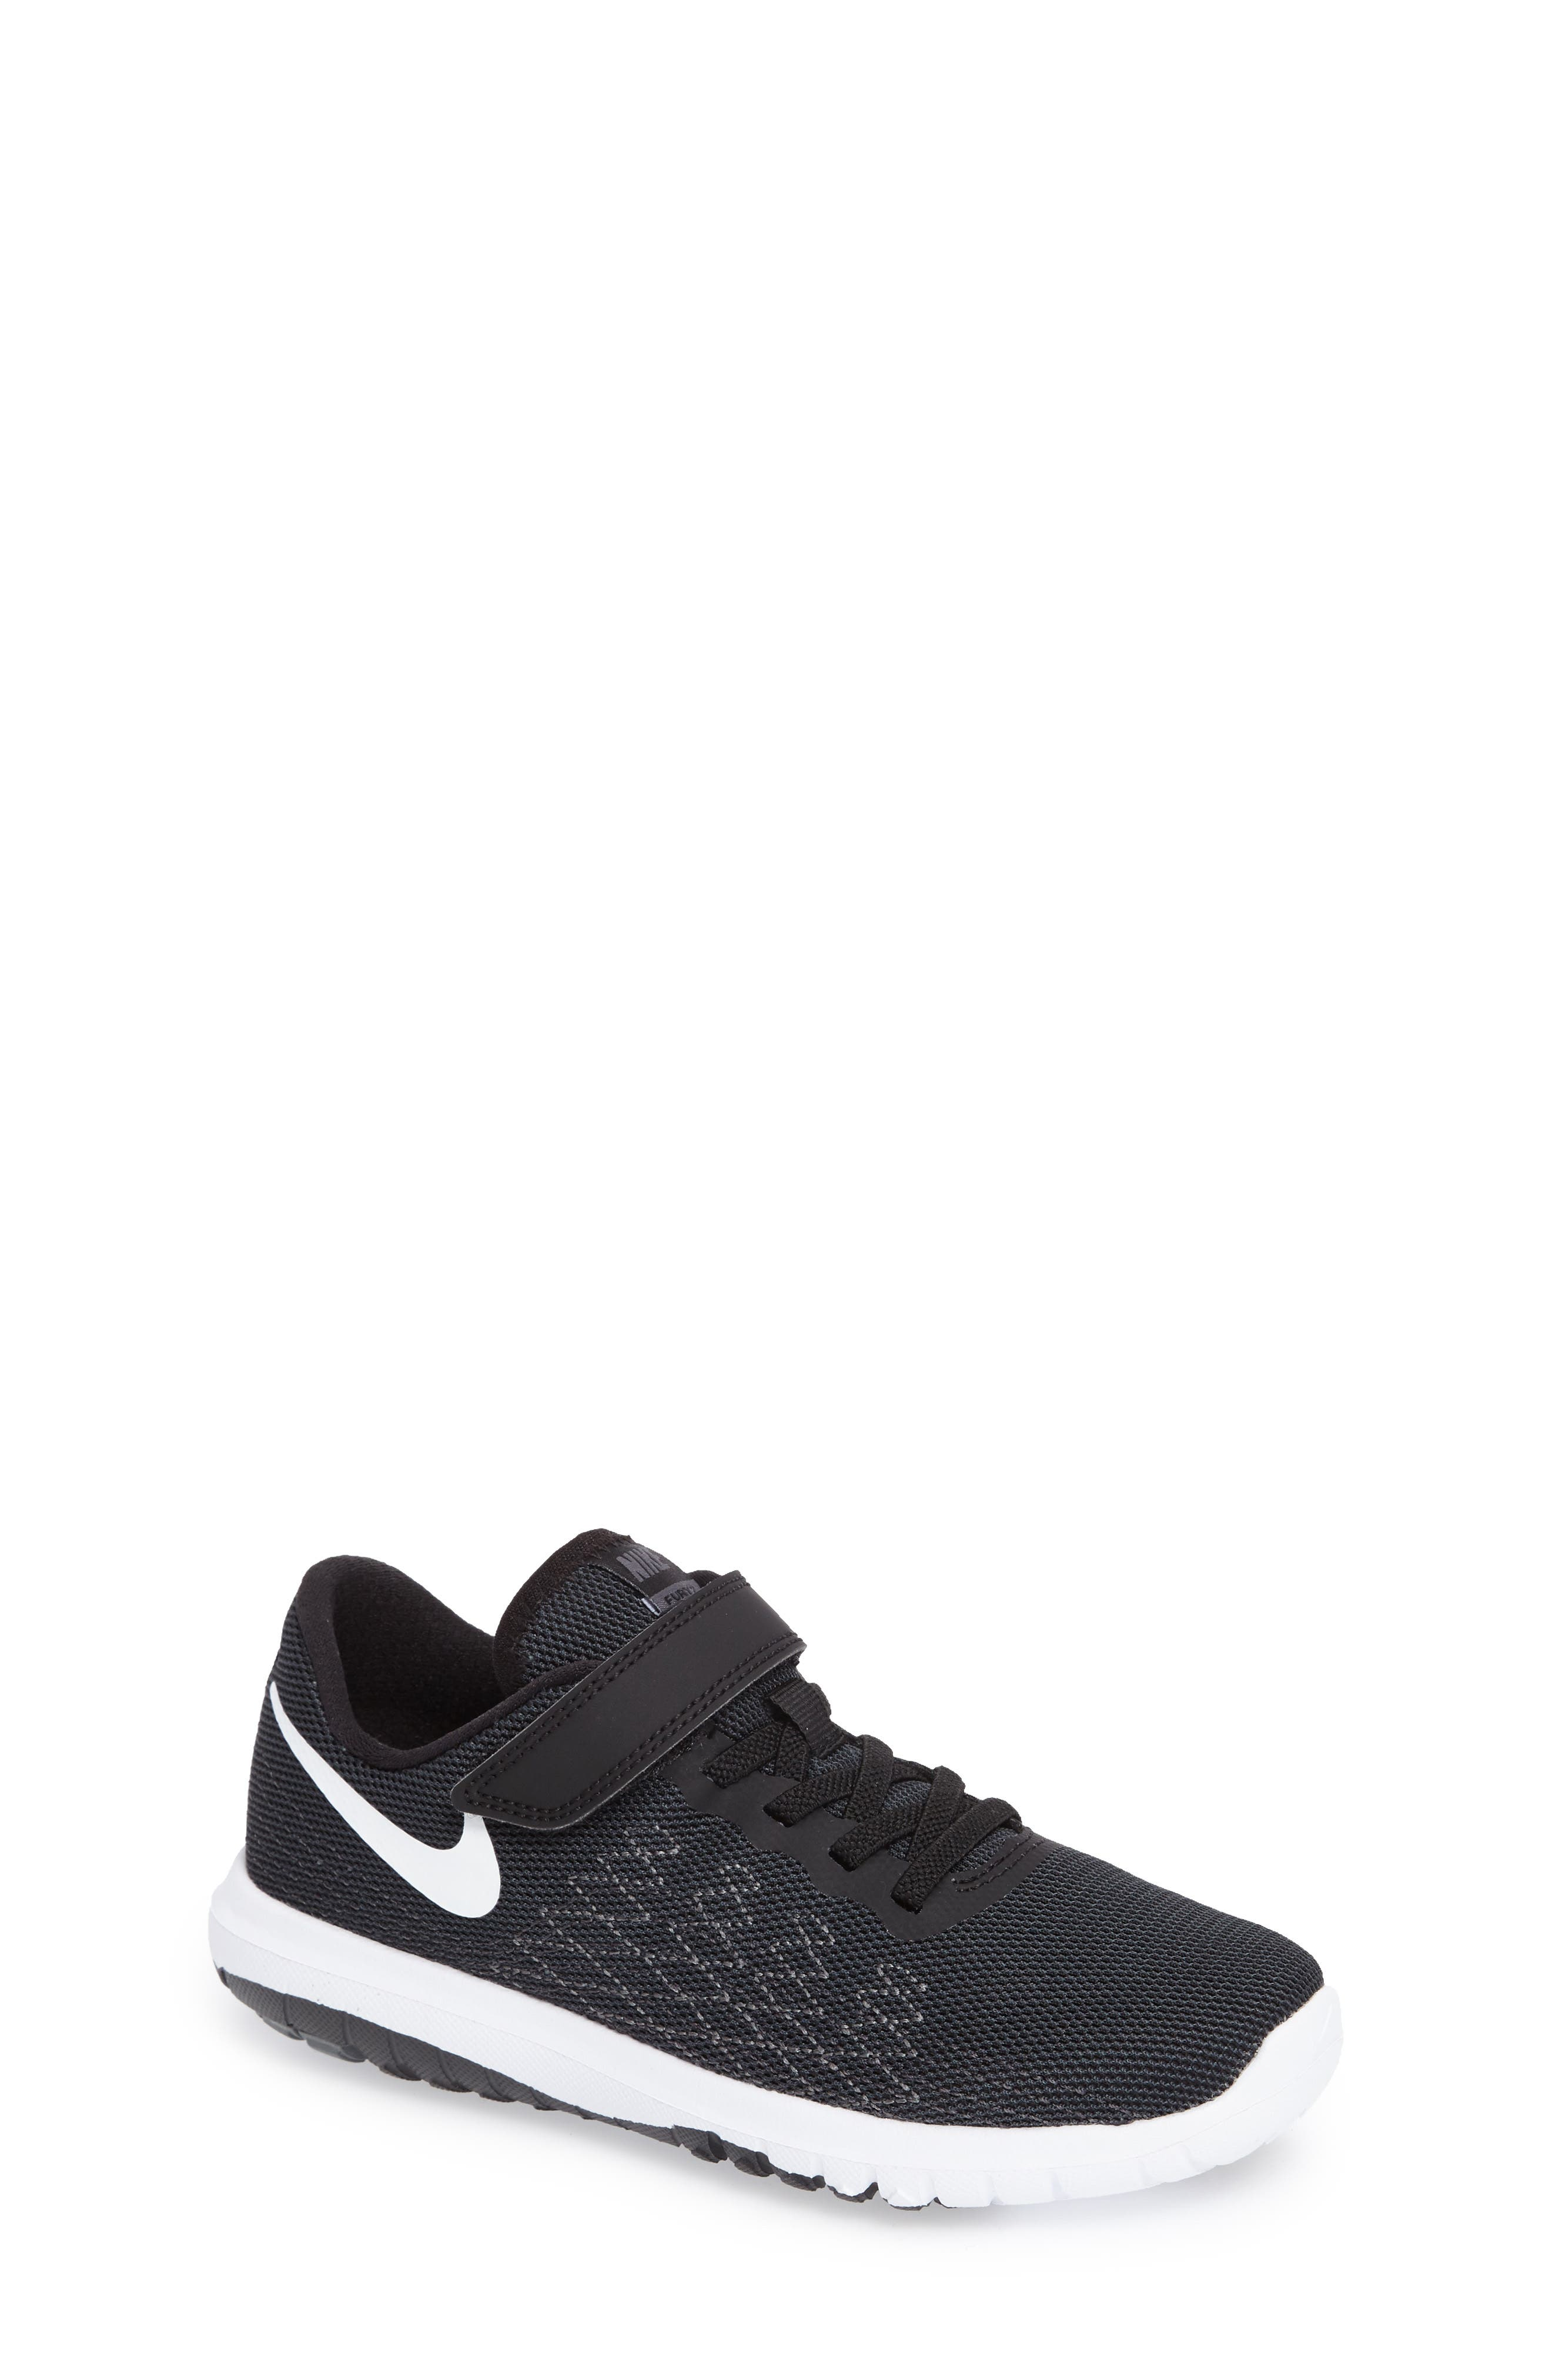 'Flex Fury 2' Athletic Shoe, Main, color, 001